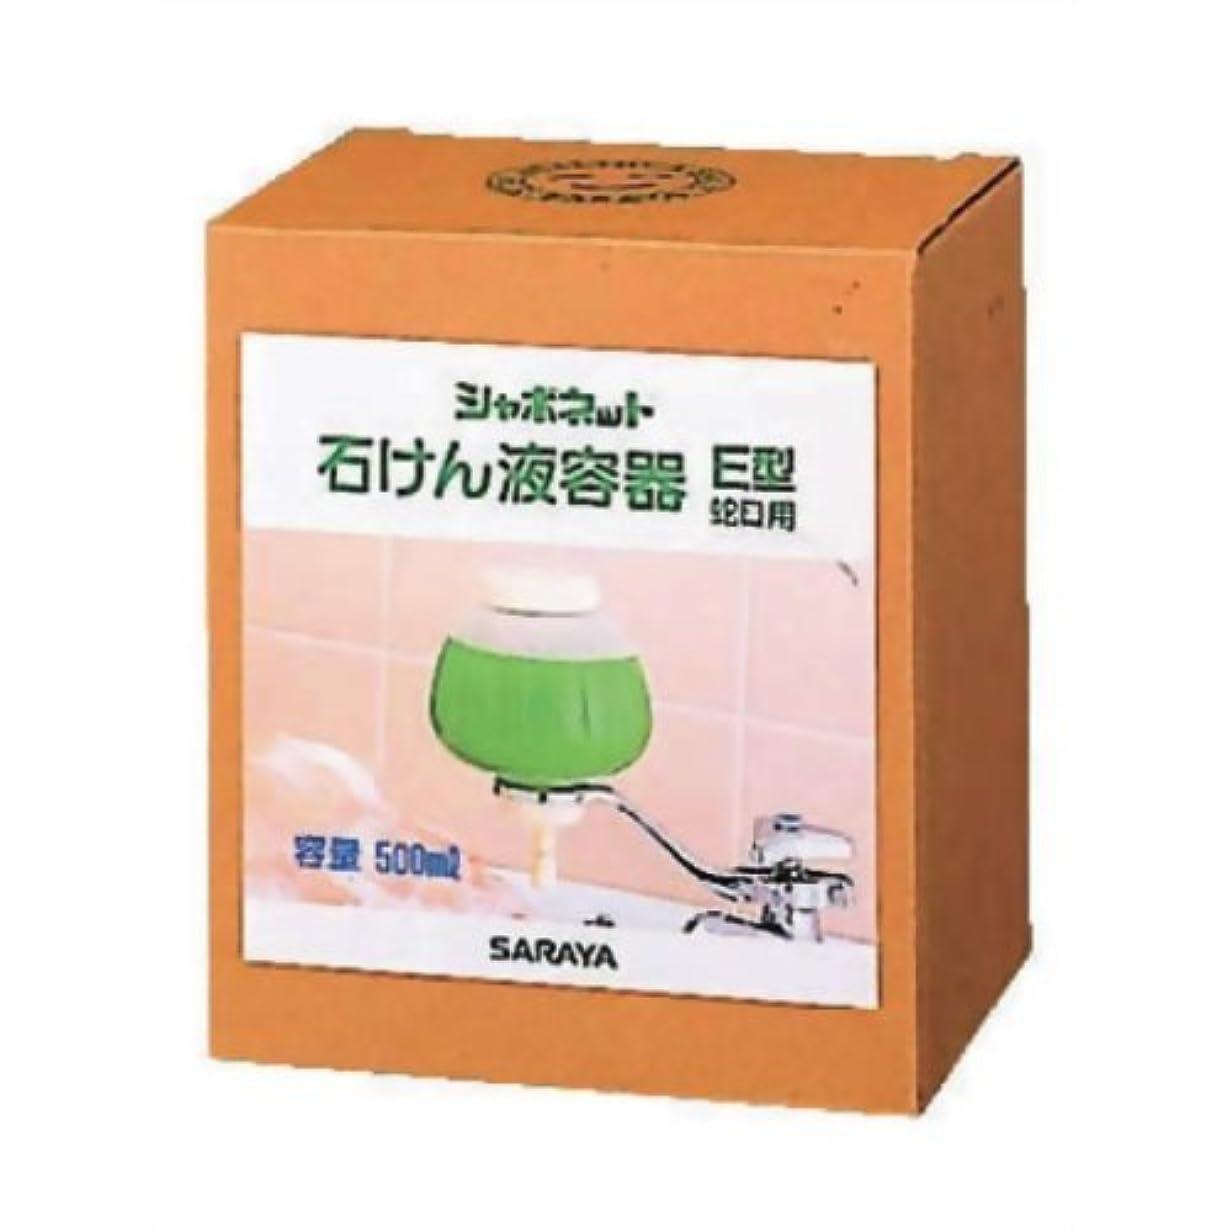 でも樹木主観的シャボネット 石鹸液容器 E型蛇口用 500ml